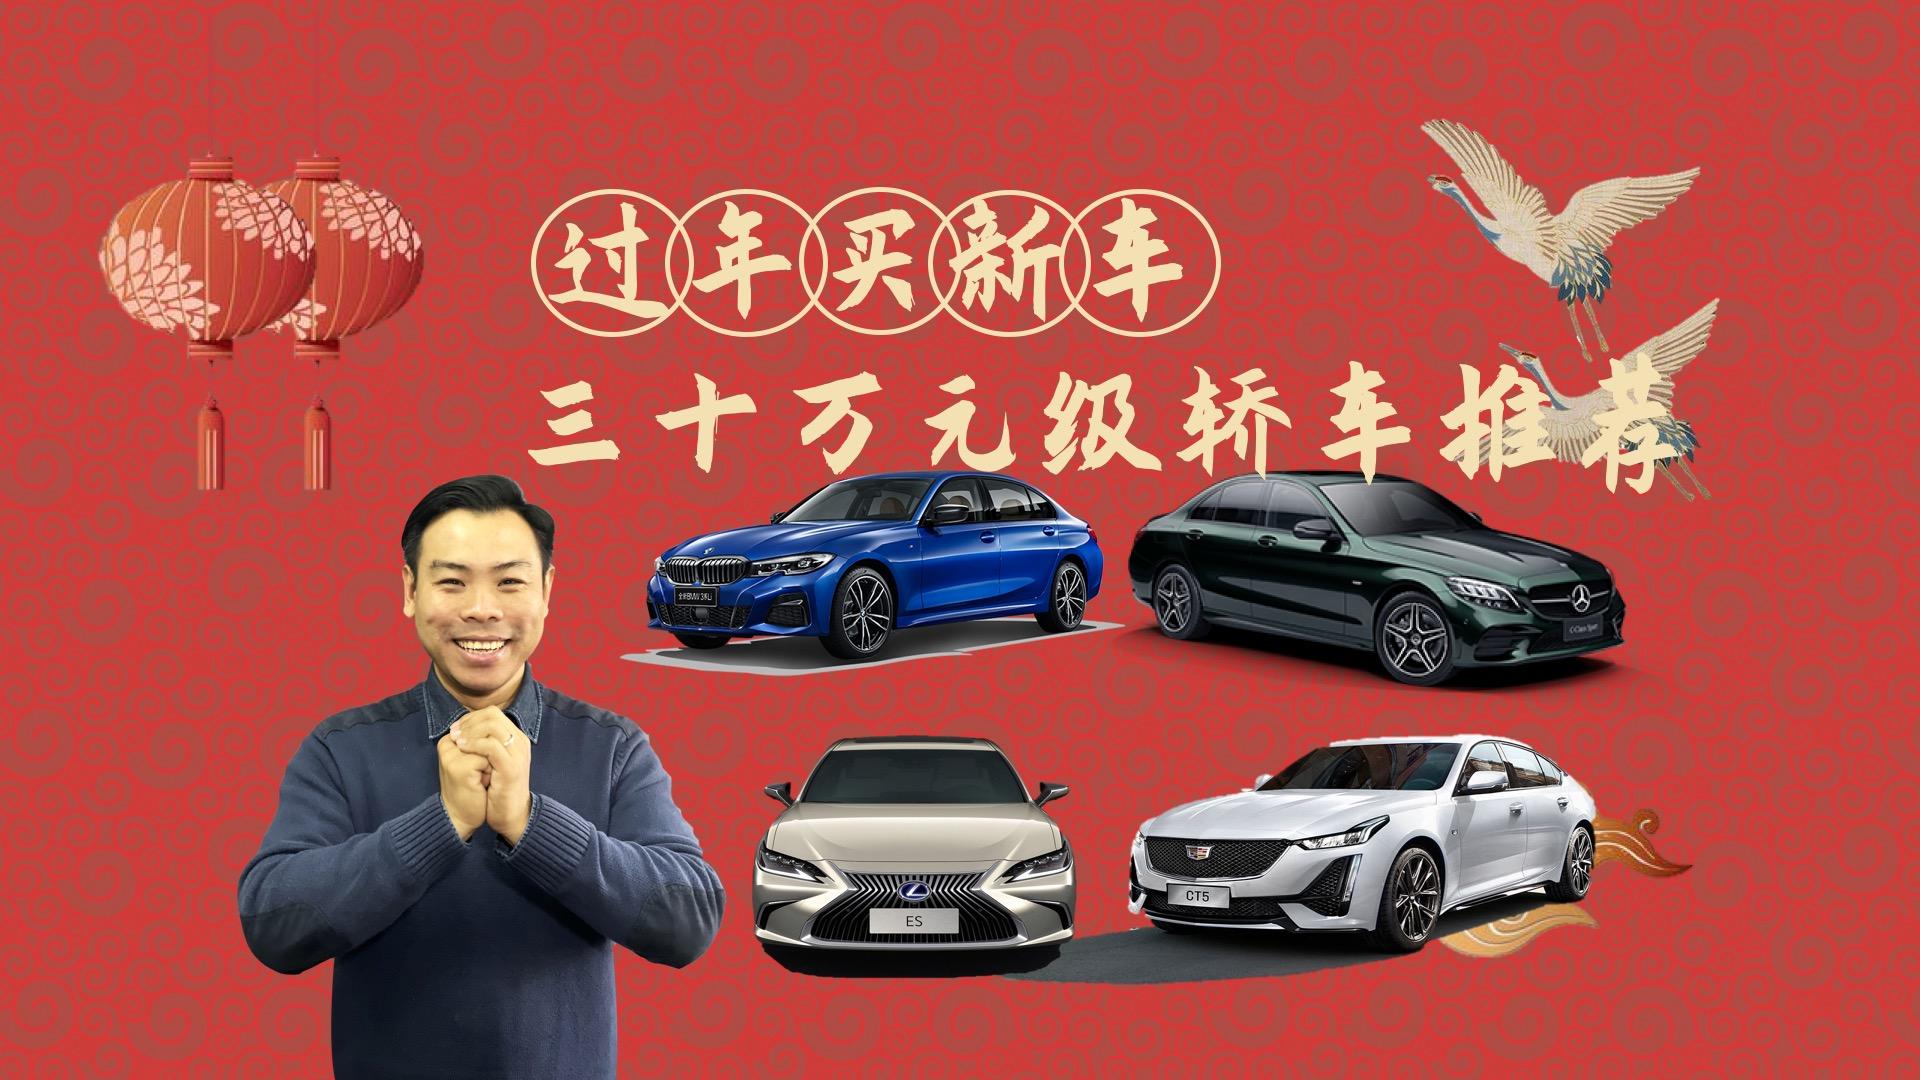 三十萬元左右轎車推薦 豪華品牌開始入場